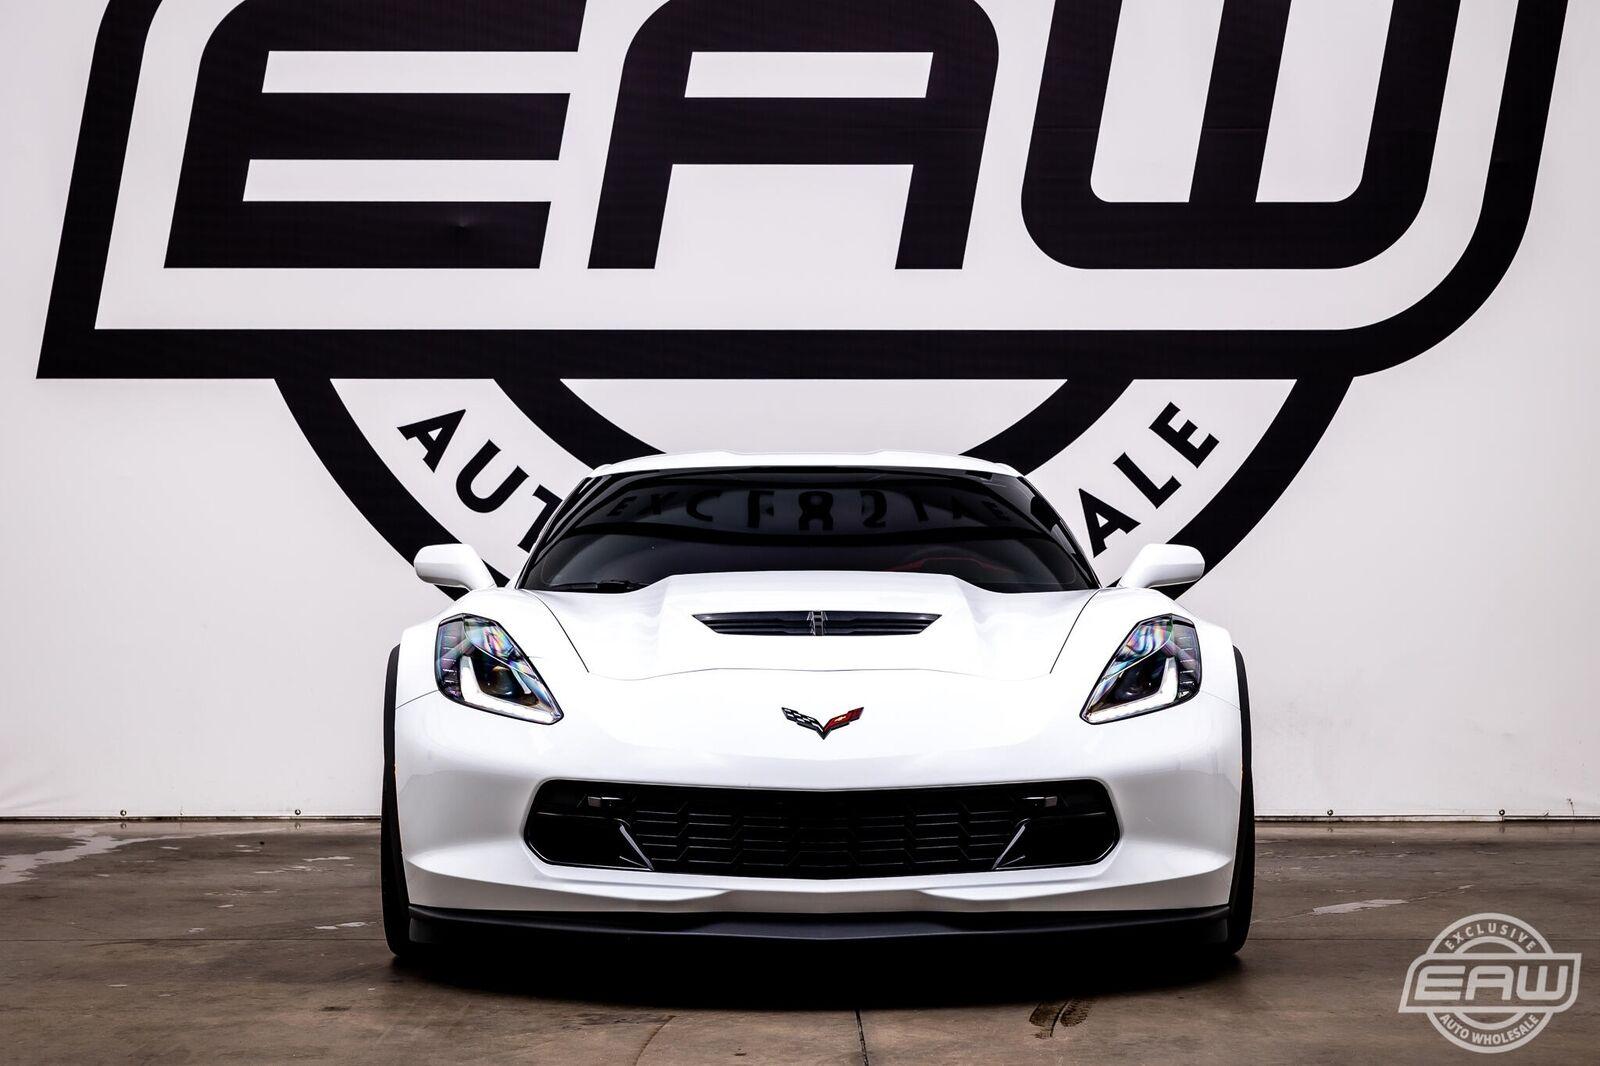 2019 White Chevrolet Corvette Z06 2LZ | C7 Corvette Photo 6